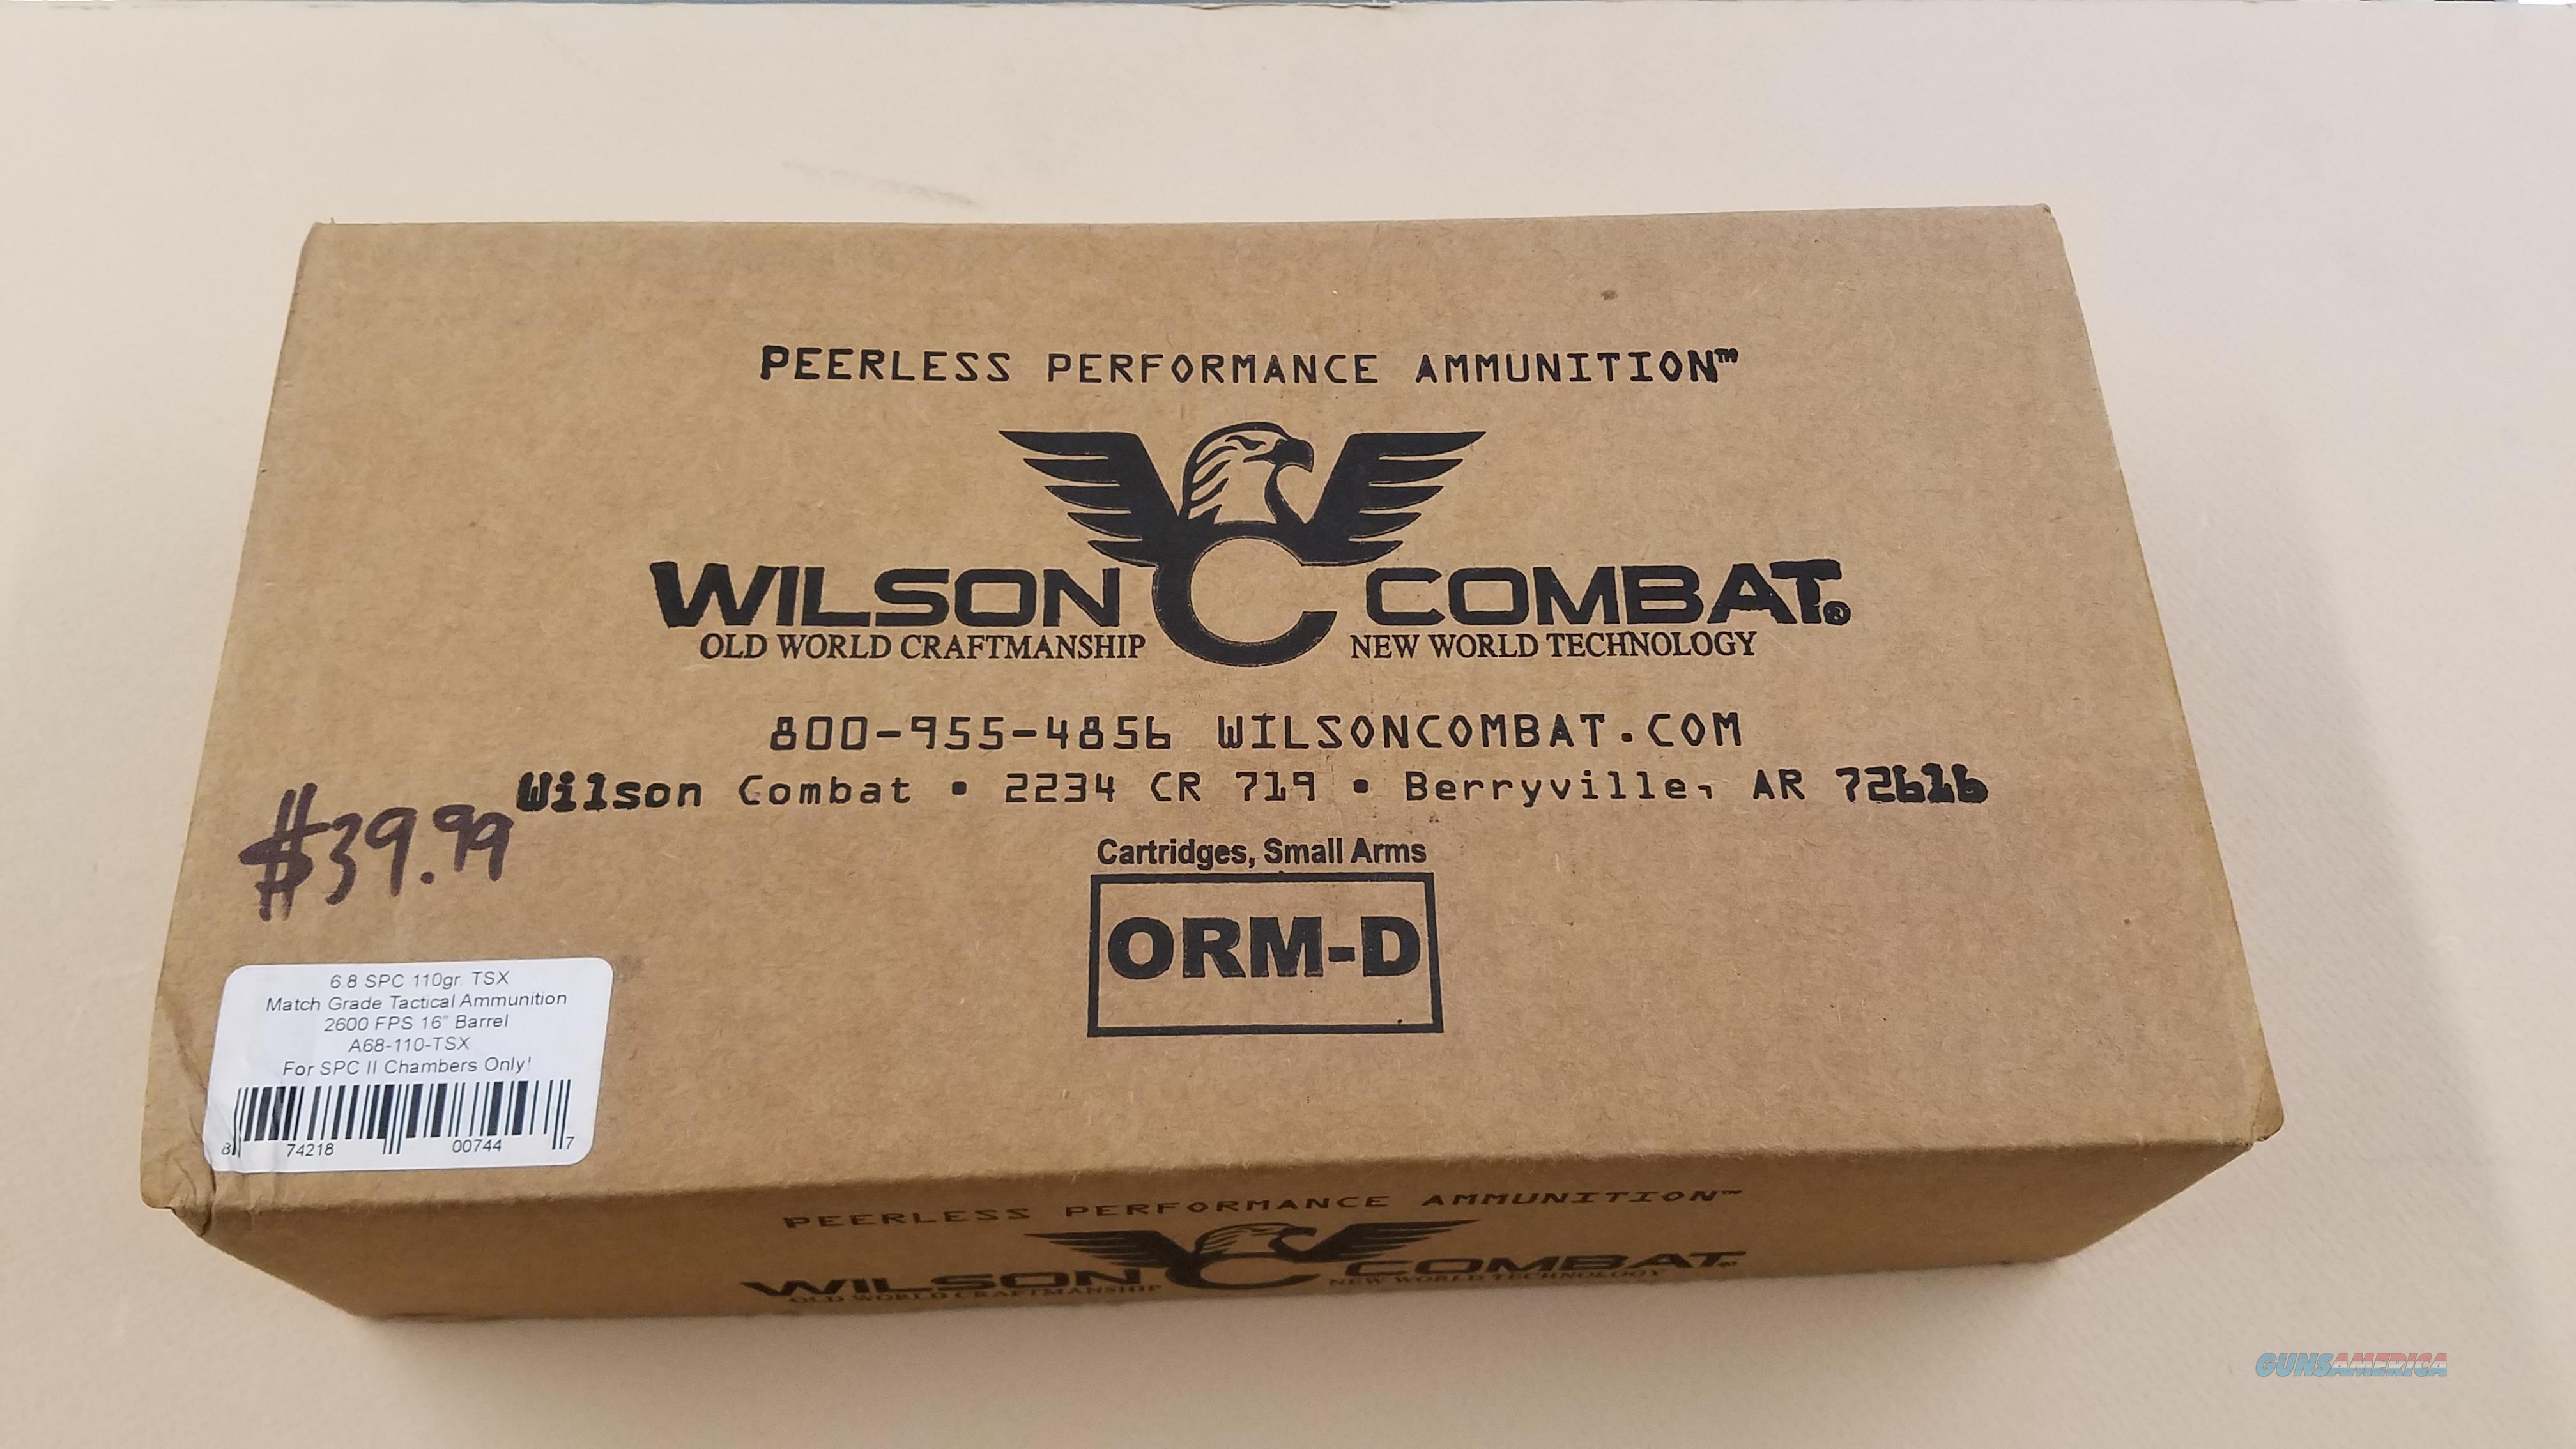 WILSON COMBAT 6.8 SPC 110g TSX MATCH GRADE AMMO 10 BOX CASE  Non-Guns > Ammunition